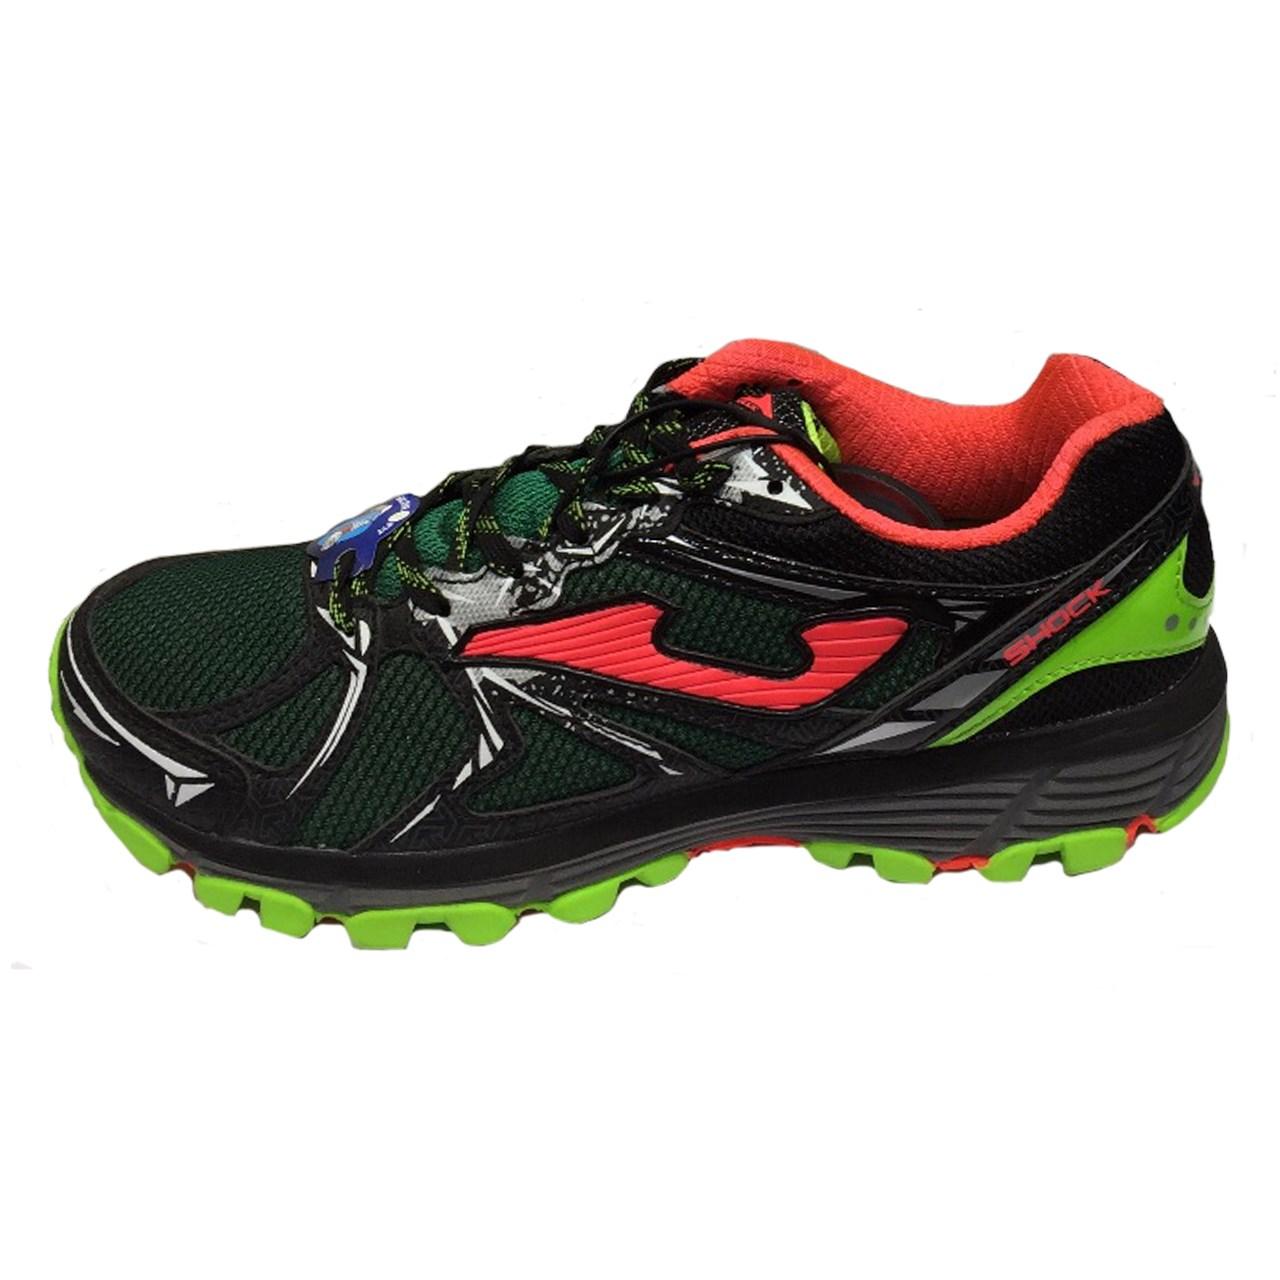 کفش مخصوص پیاده روی مردانه جوما مدل Shock 715